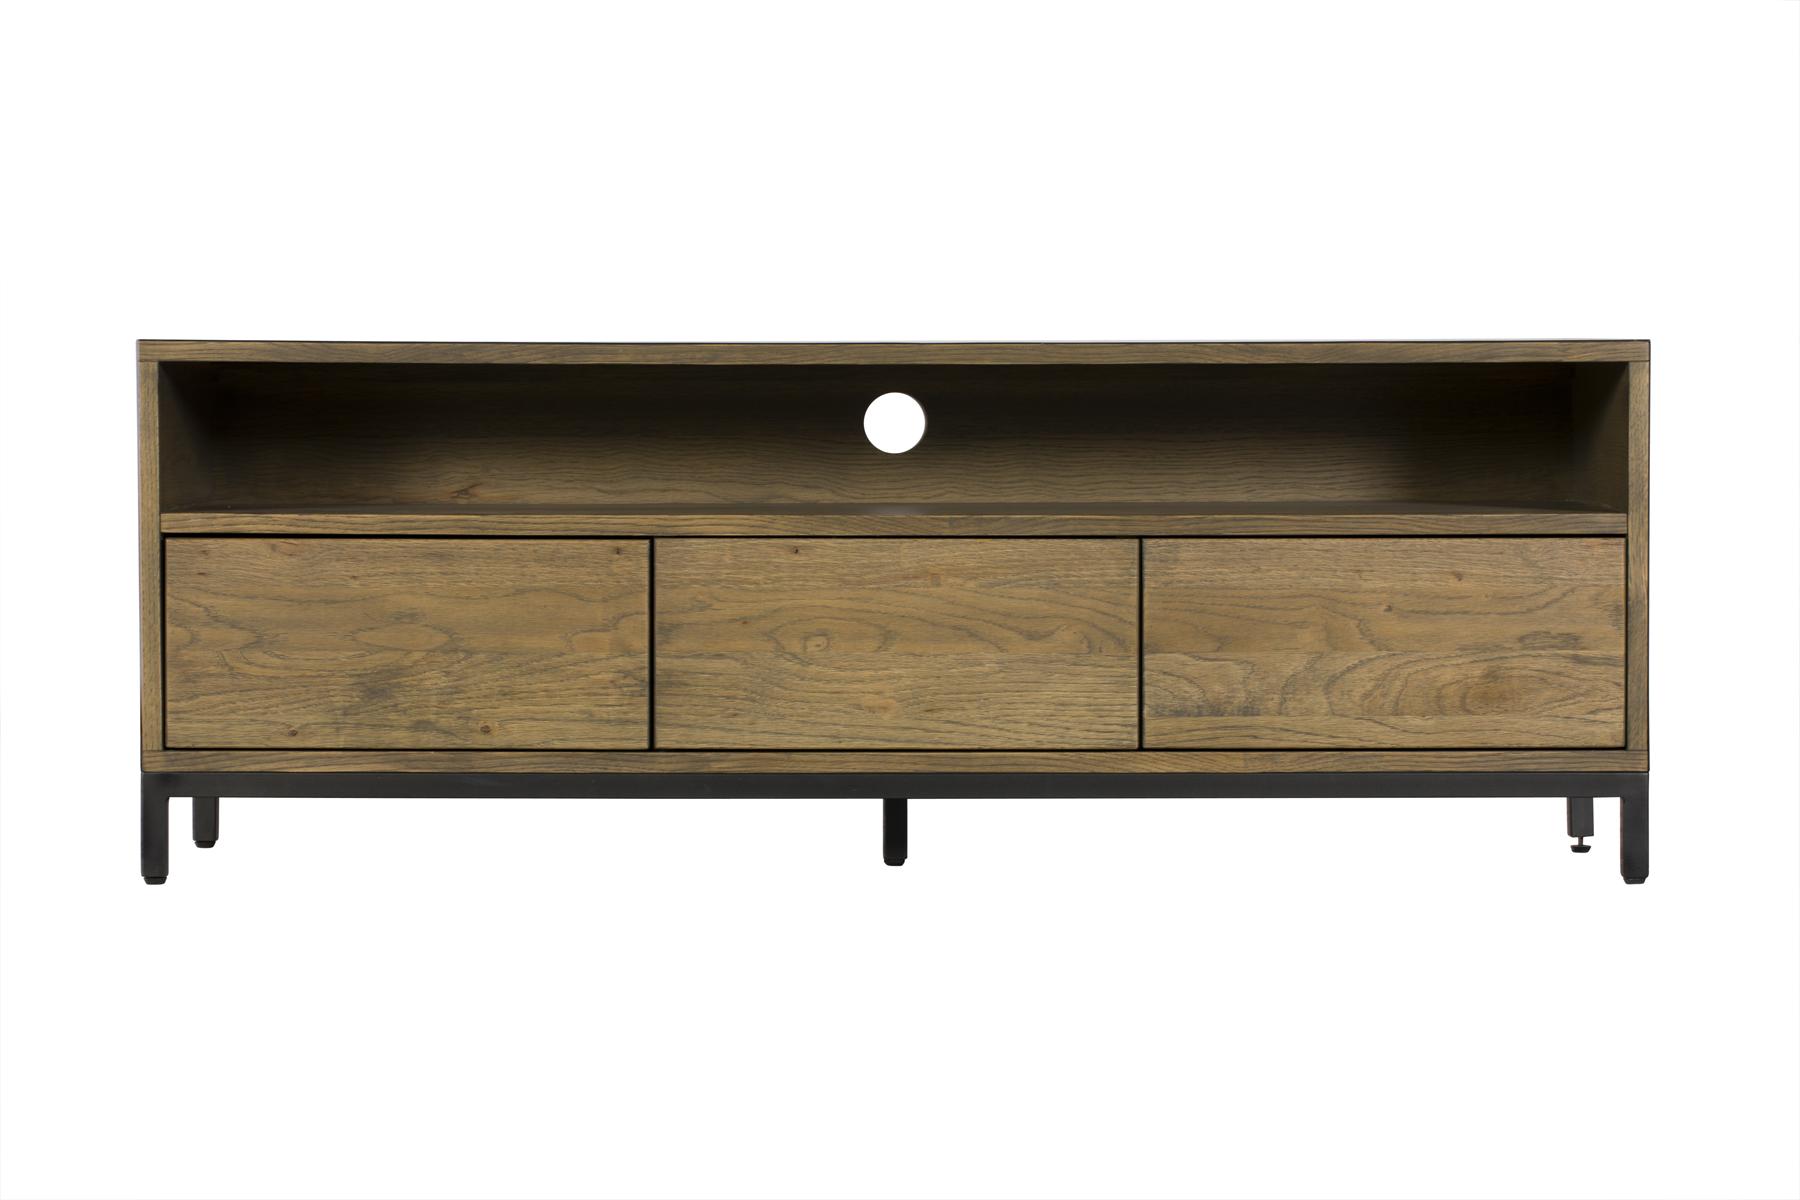 meuble tv contemporain chene massif encadrement metal noir hudson meubles tv pier import